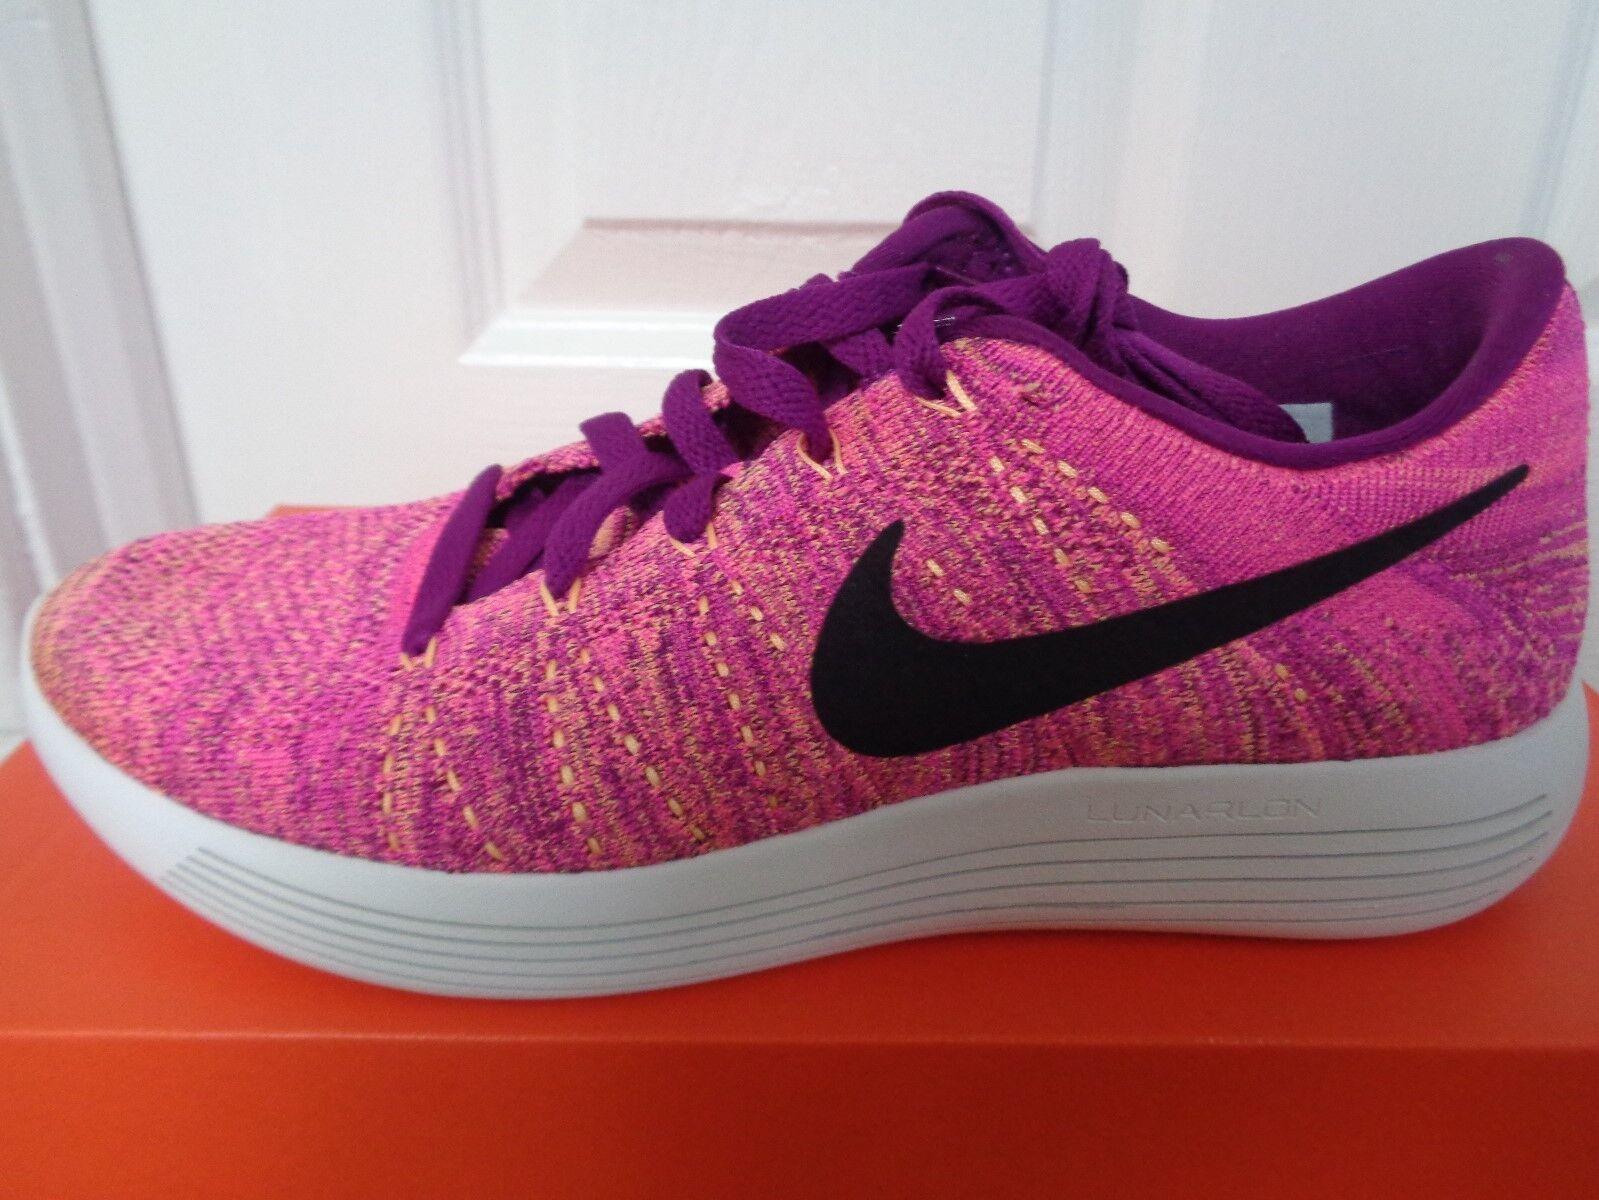 Zapatillas Nike lunarepic bajo Flyknit Wmns SUECO 843765 500 nos 8.5 Nuevo + Caja